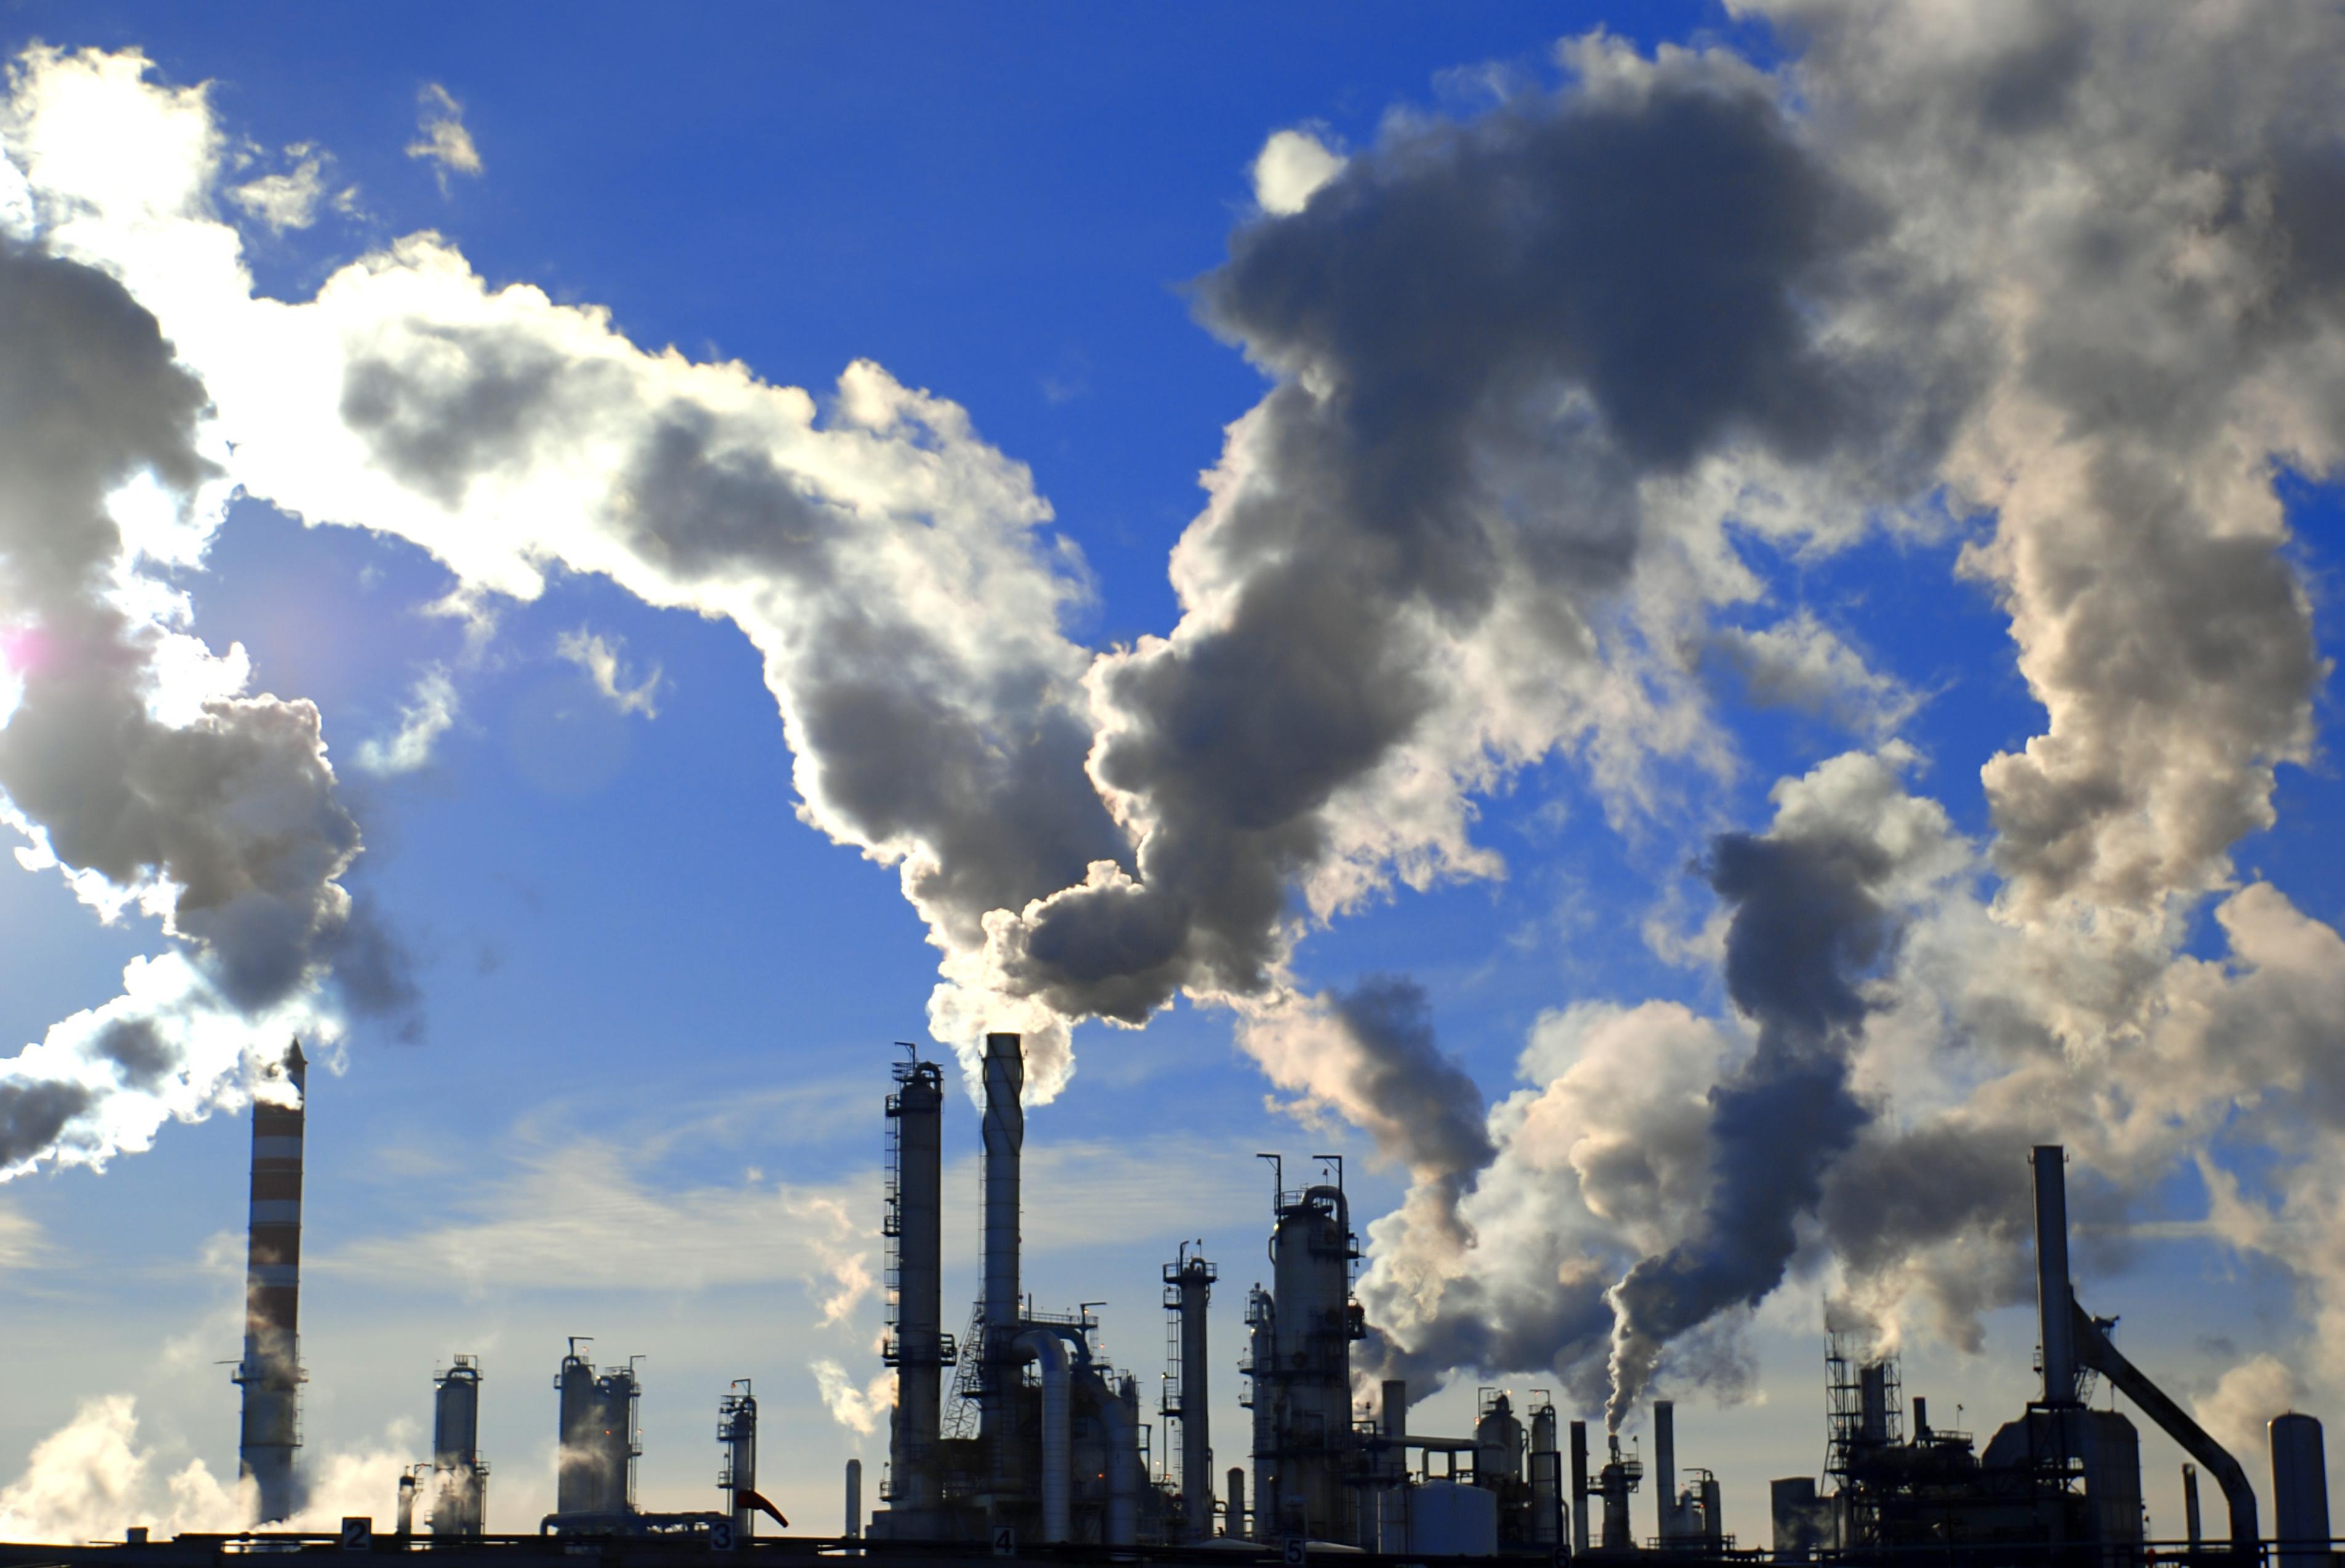 usines fumantes considérées risquées par l'état des risques et pollution